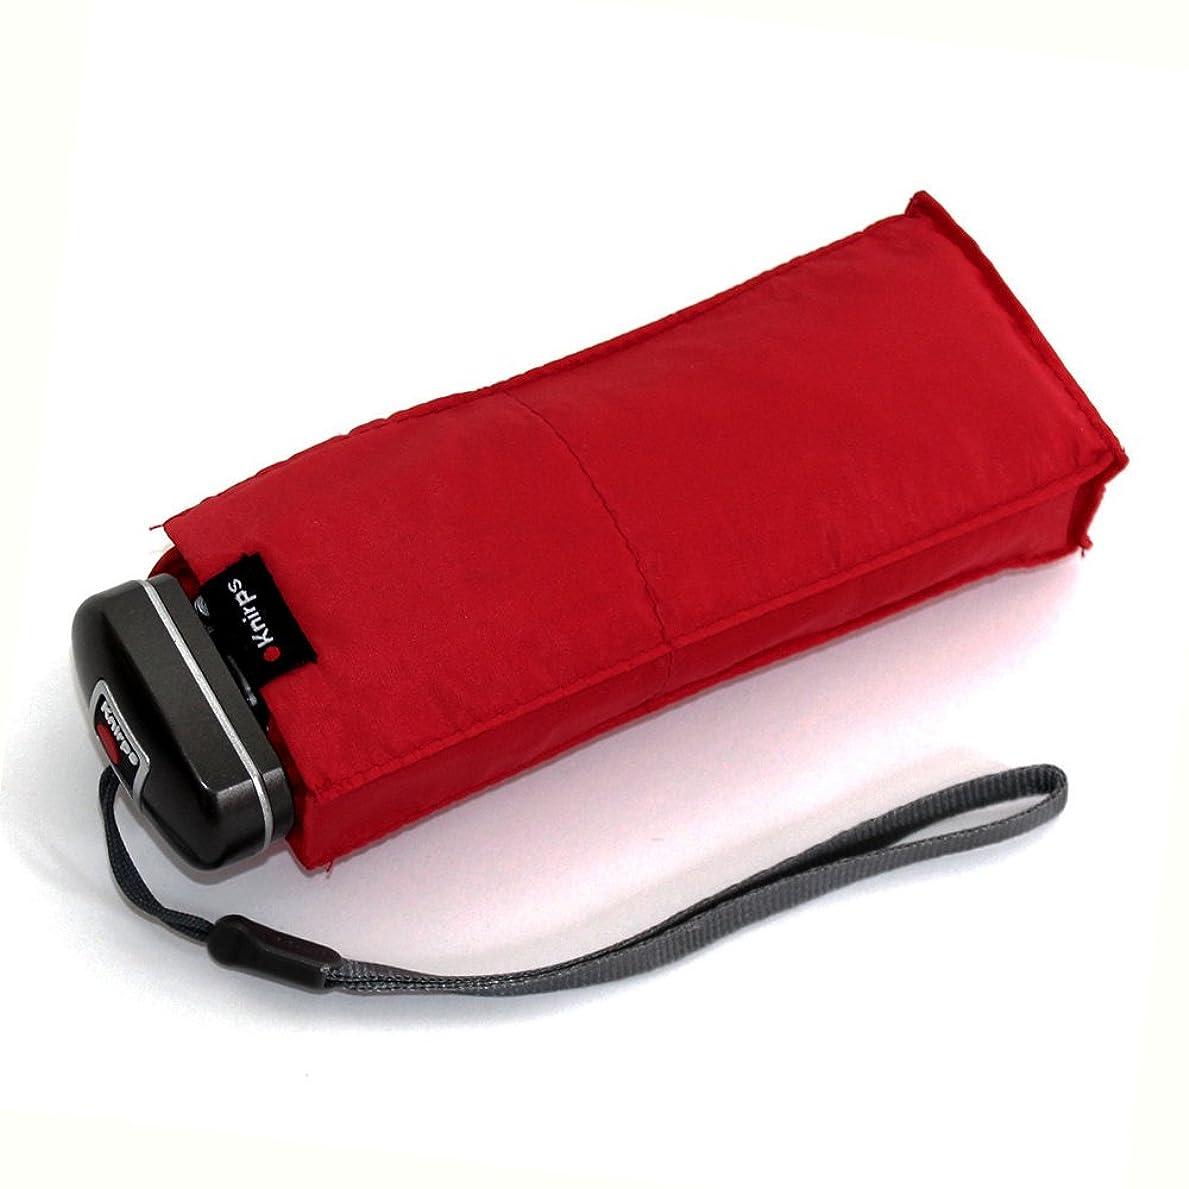 チーズ研磨もう一度(クニルプス) Knirps Travel (トラベル) コンパクト 折りたたみ傘 メンズ レディース Red [815-150]